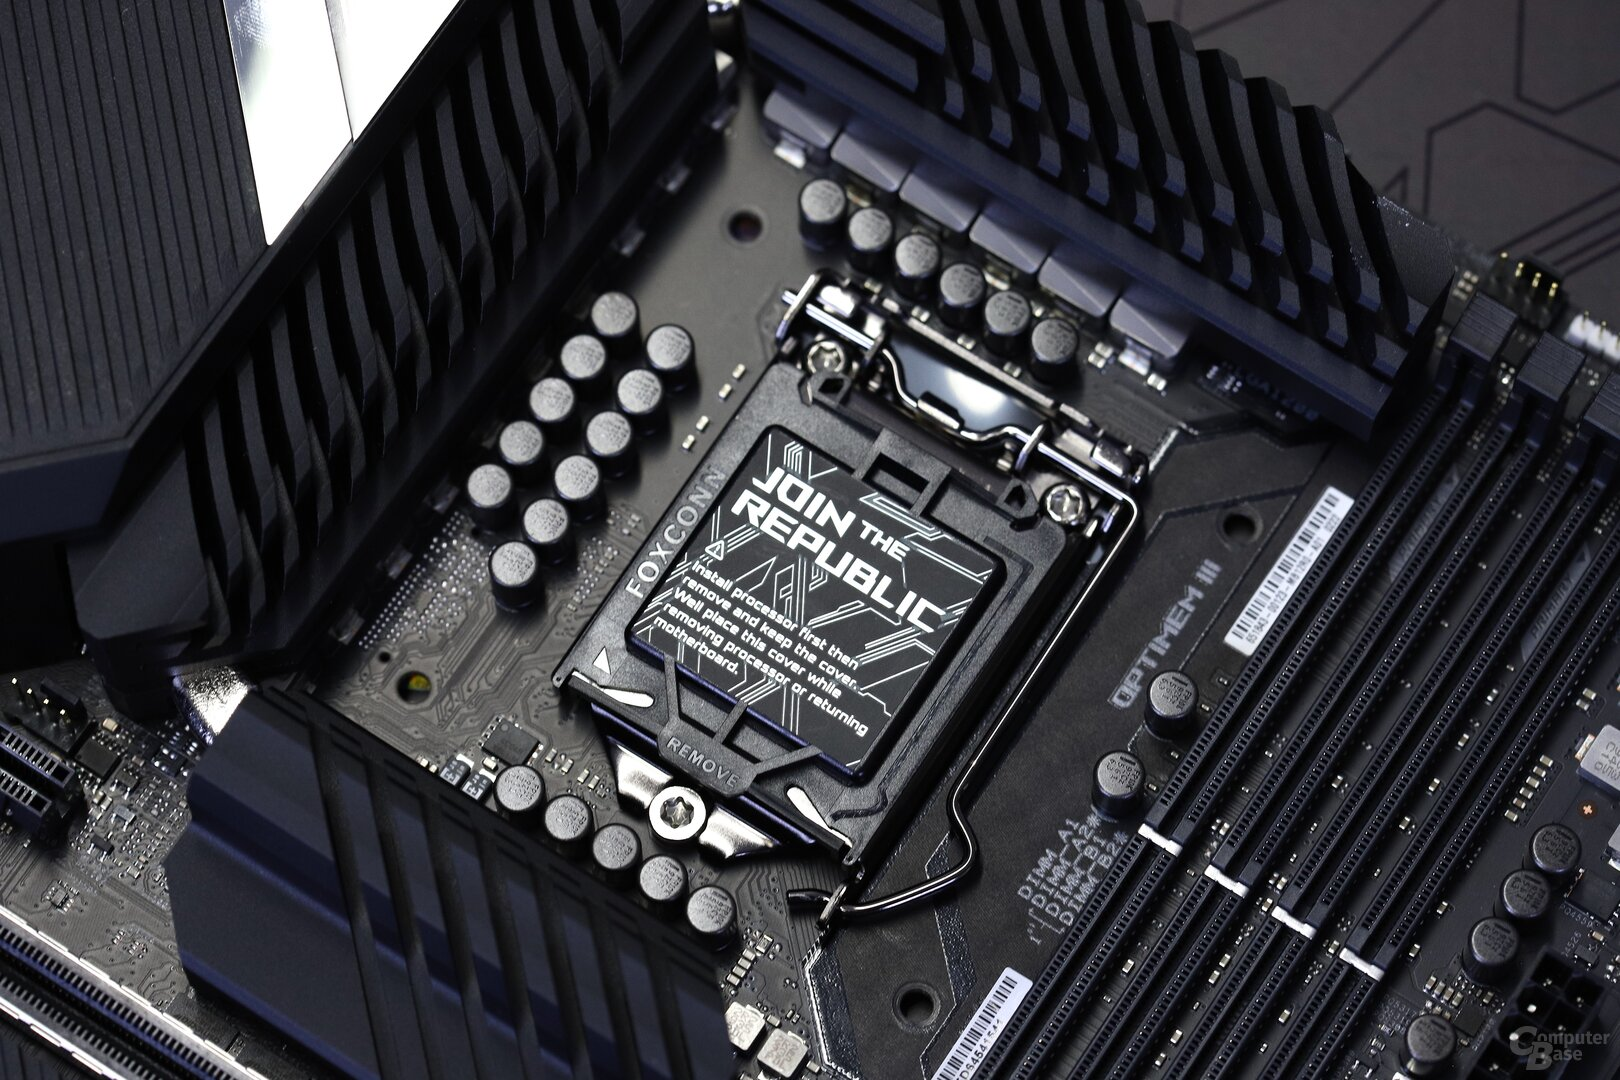 Asus Teamed Power Architecture mit 14+2 Phasen auf dem ROG Maximus XII Hero Wifi